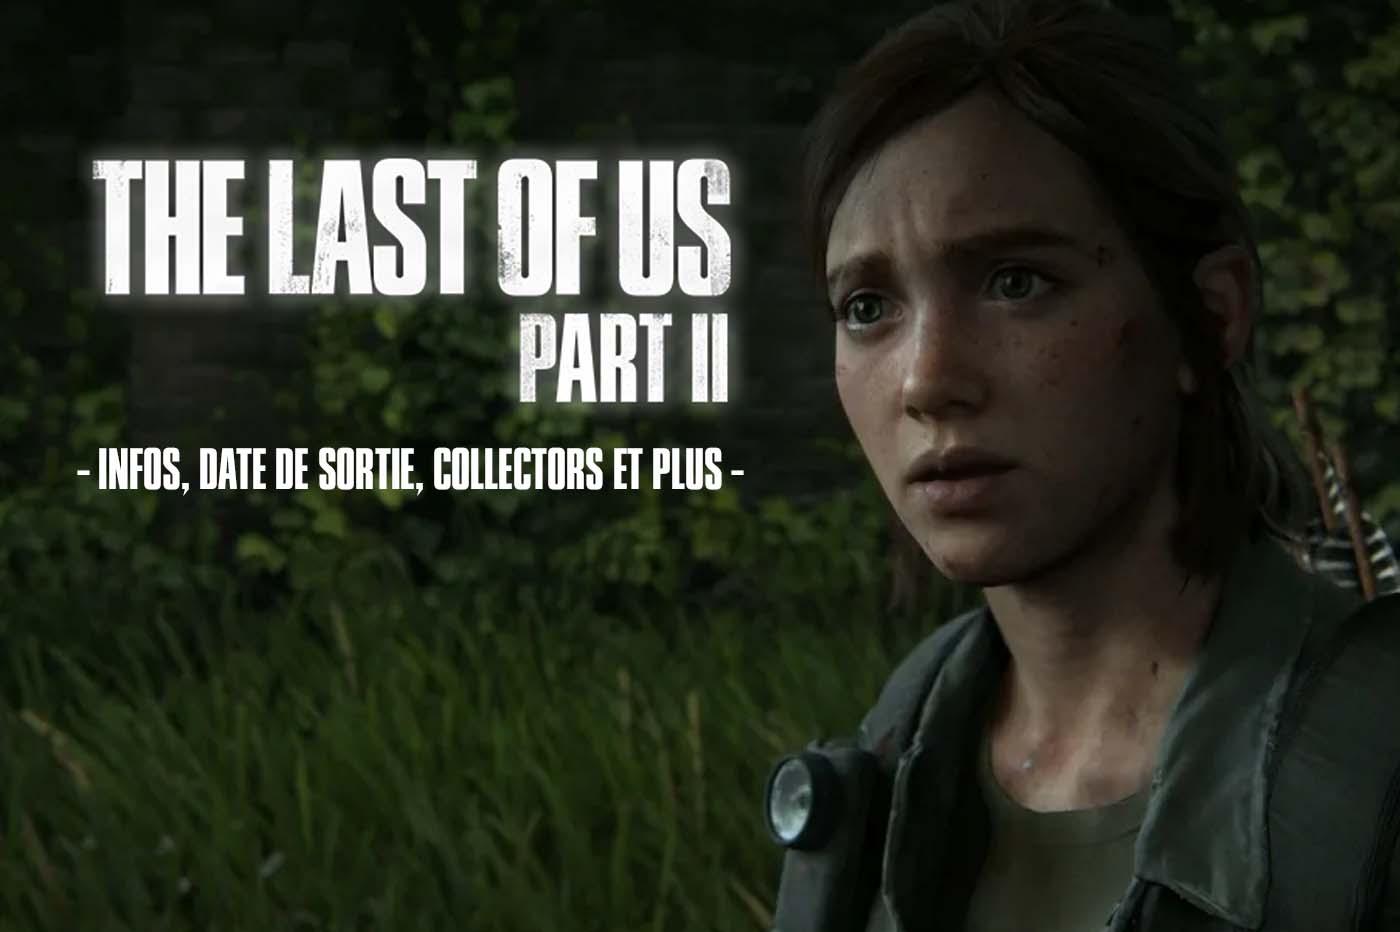 The Last Of Us Part II - Infos, date de sortie, collectors et plus encore